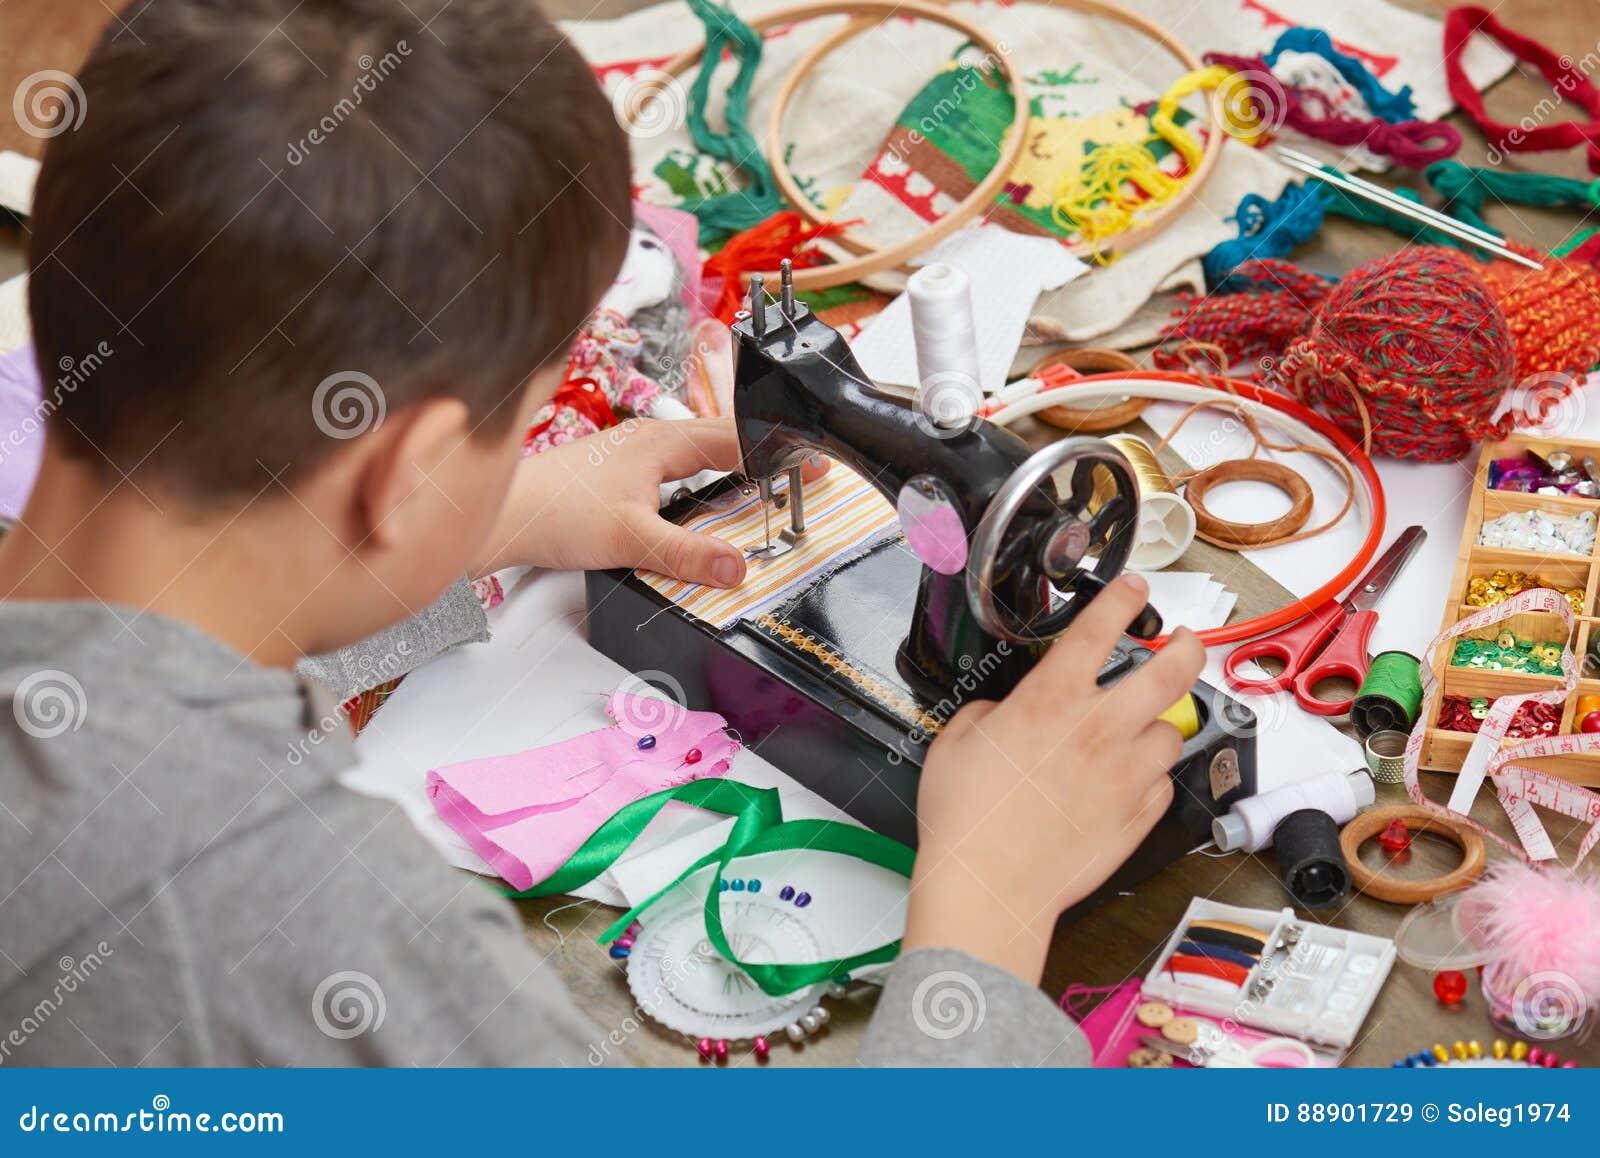 Le tailleur de garçon apprend concept à coudre, de formation à un emploi, fait main et de travail manuel